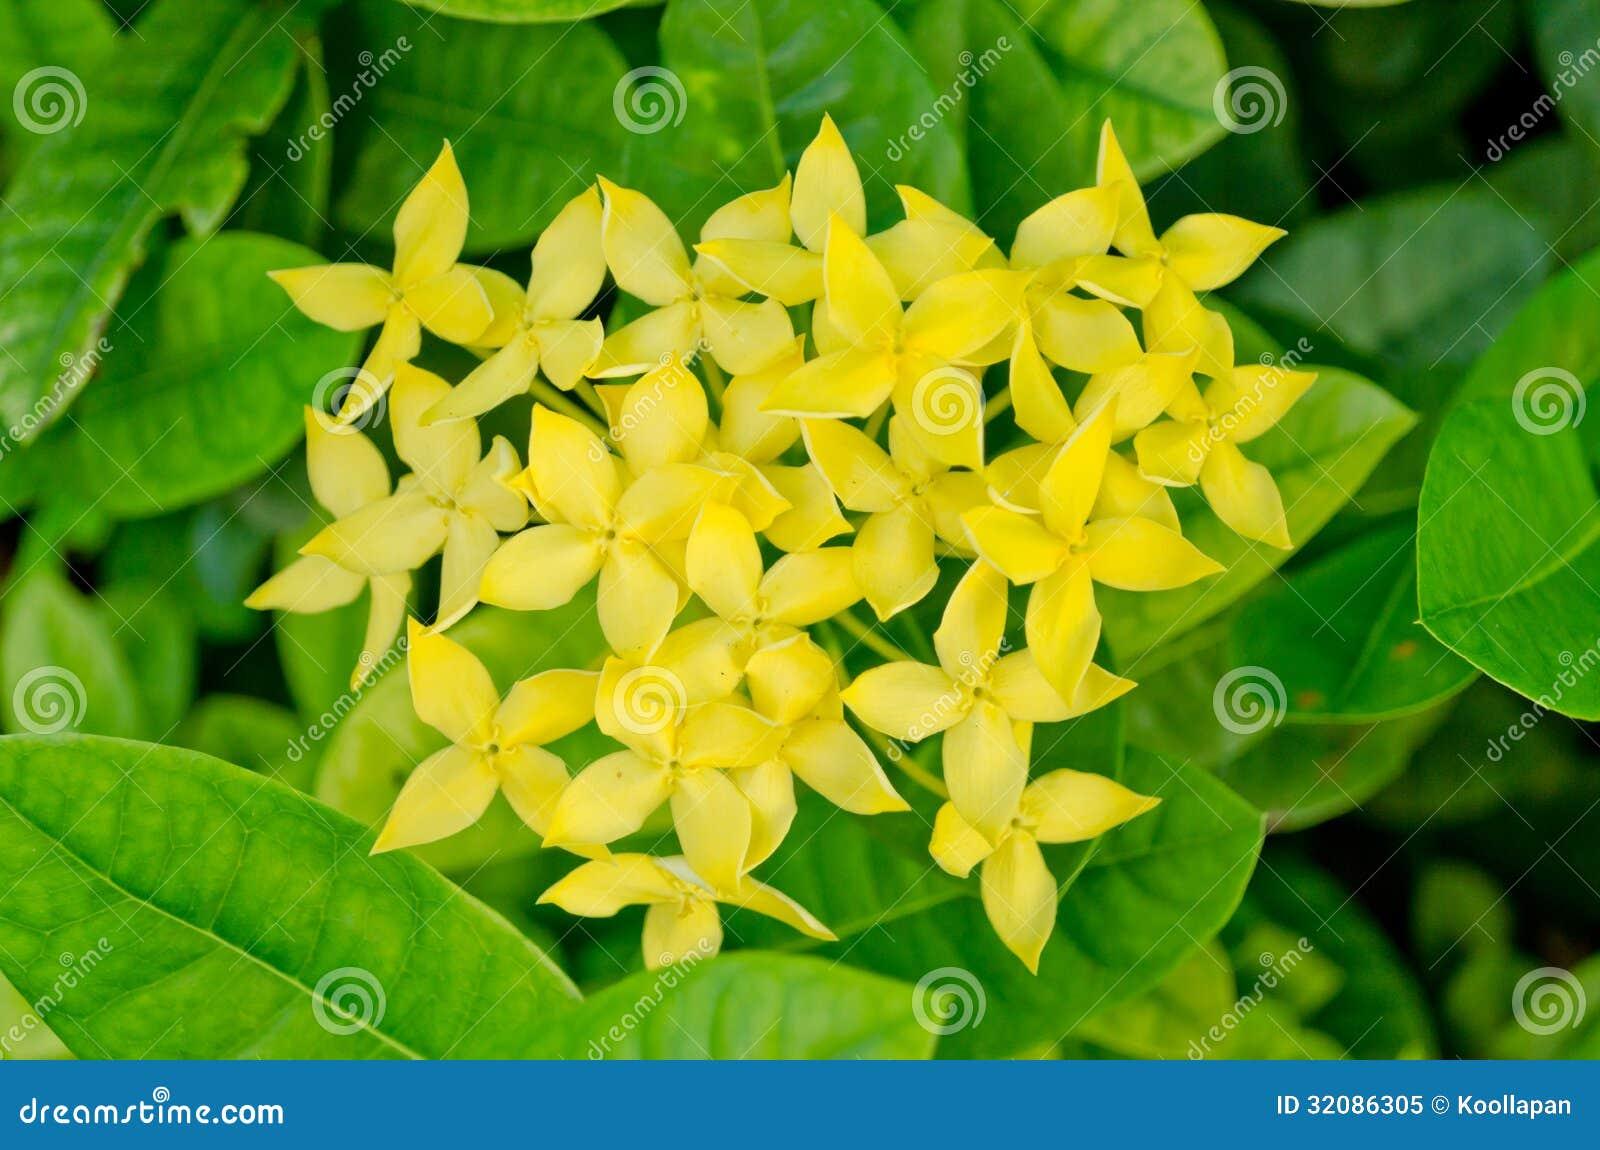 flor de jardim amarela:Flor amarela do ixora no backgroud da folha.